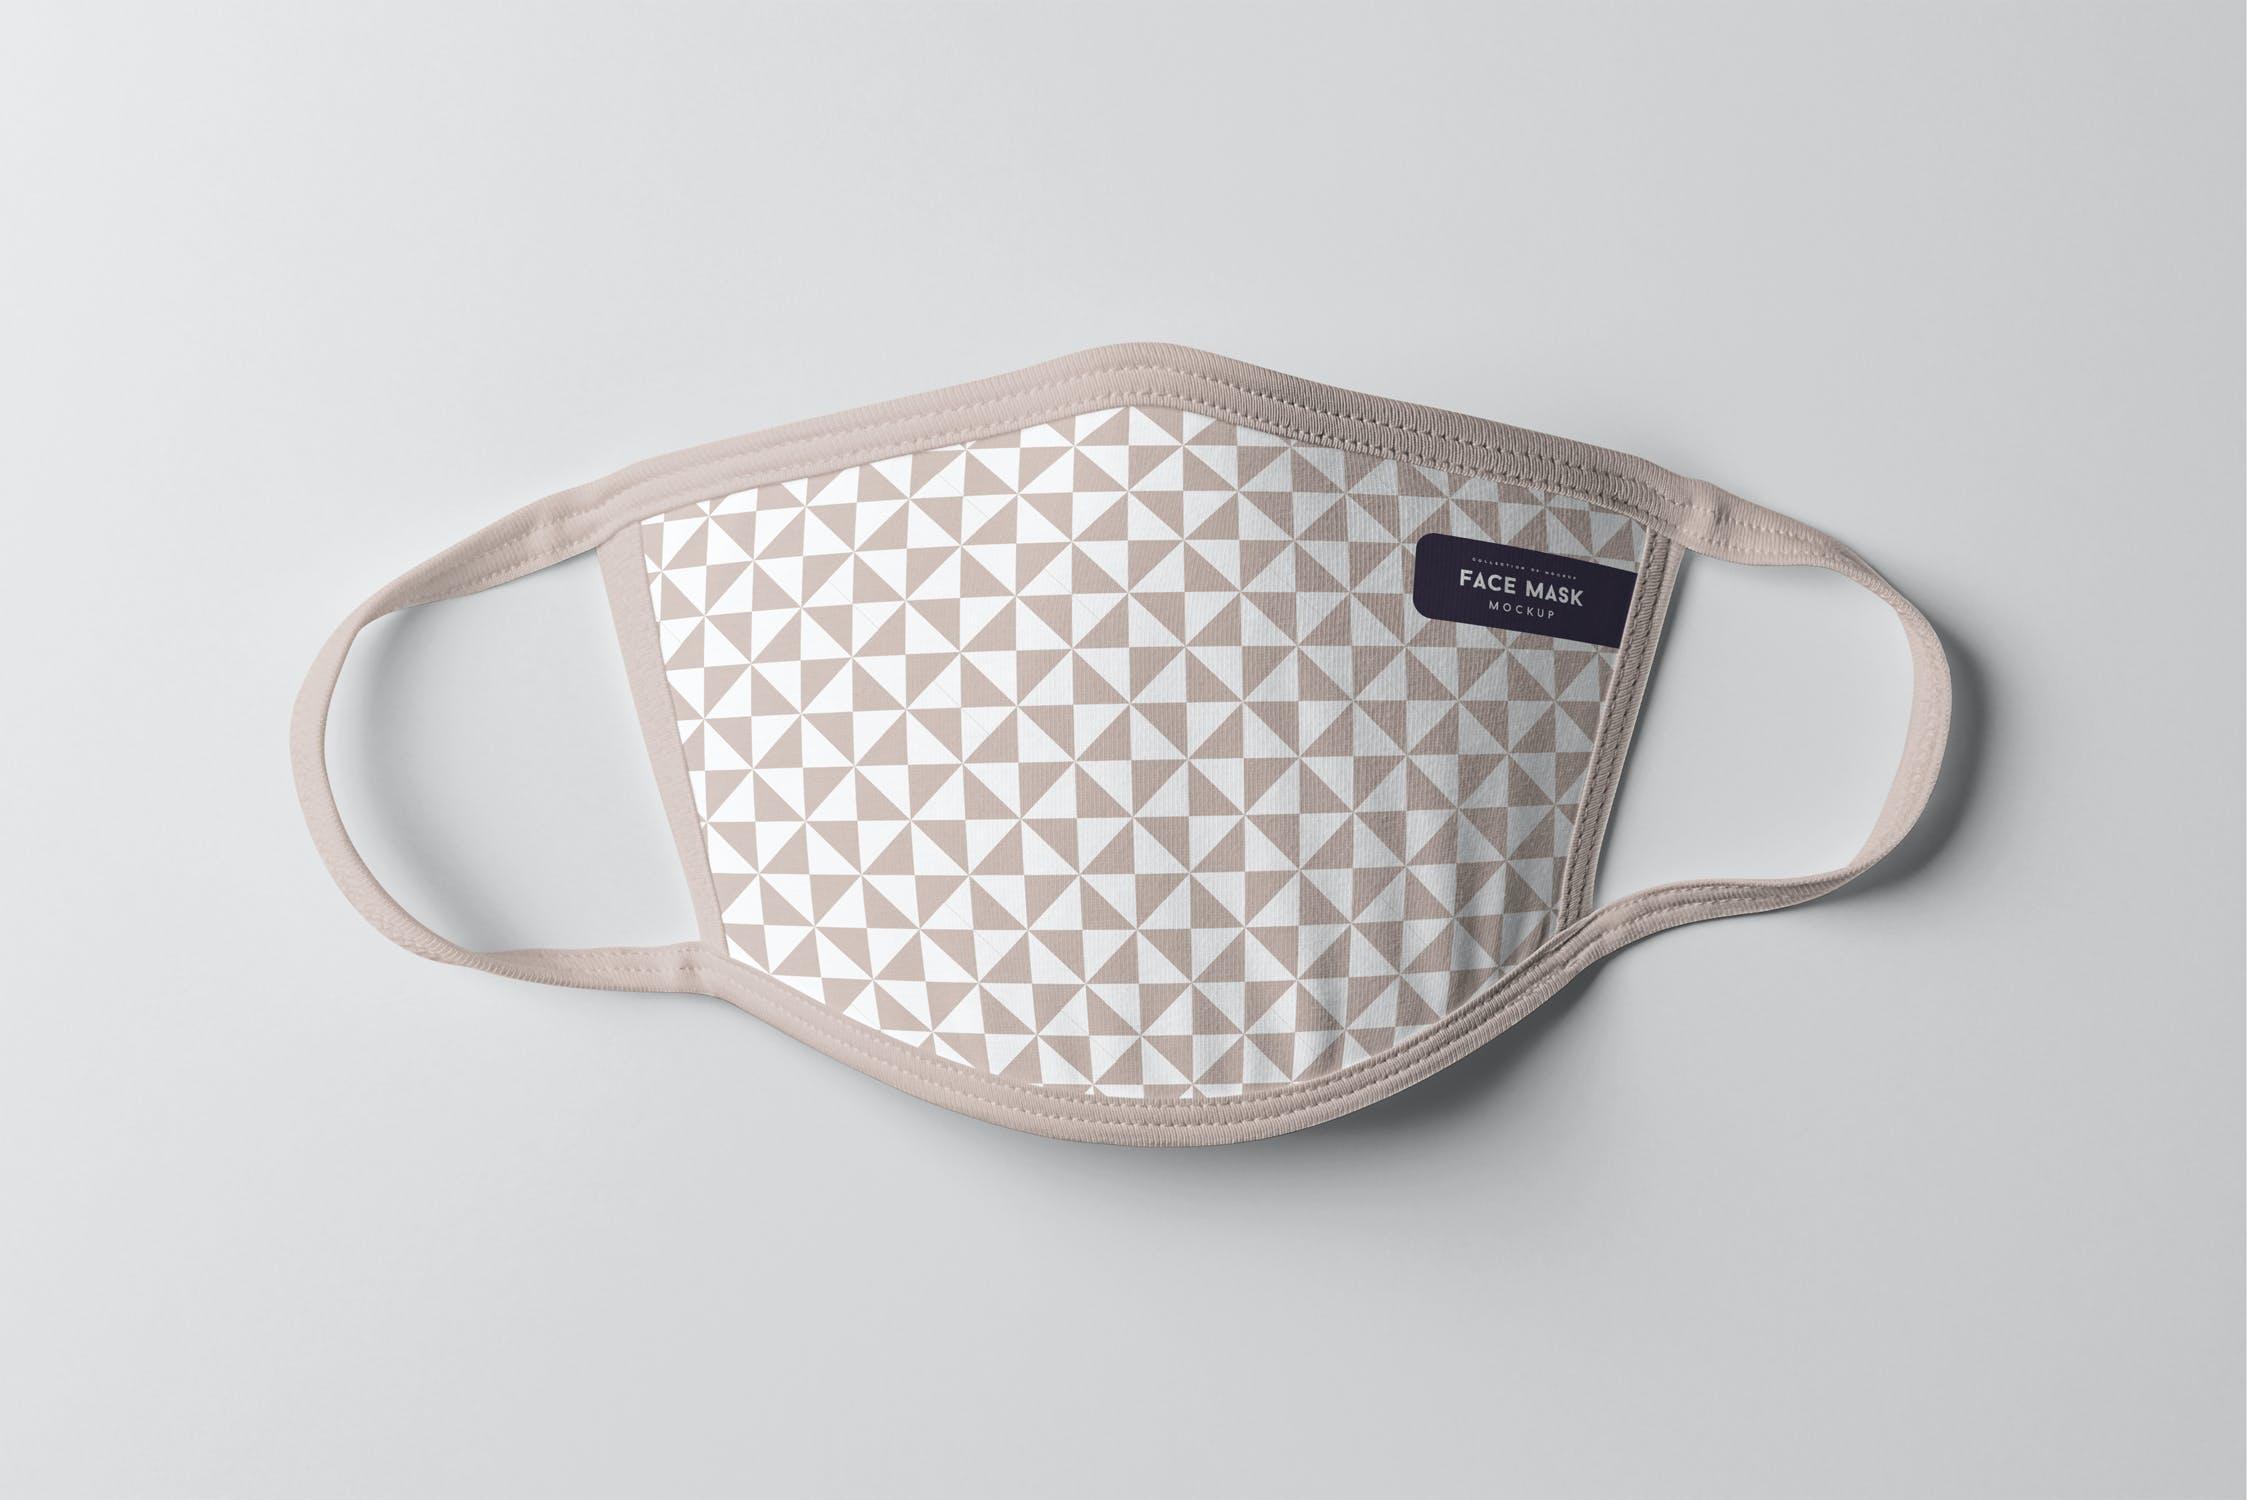 8款防护面罩口罩印花设计展示样机PSD模板 Face Mask Mockup插图(5)